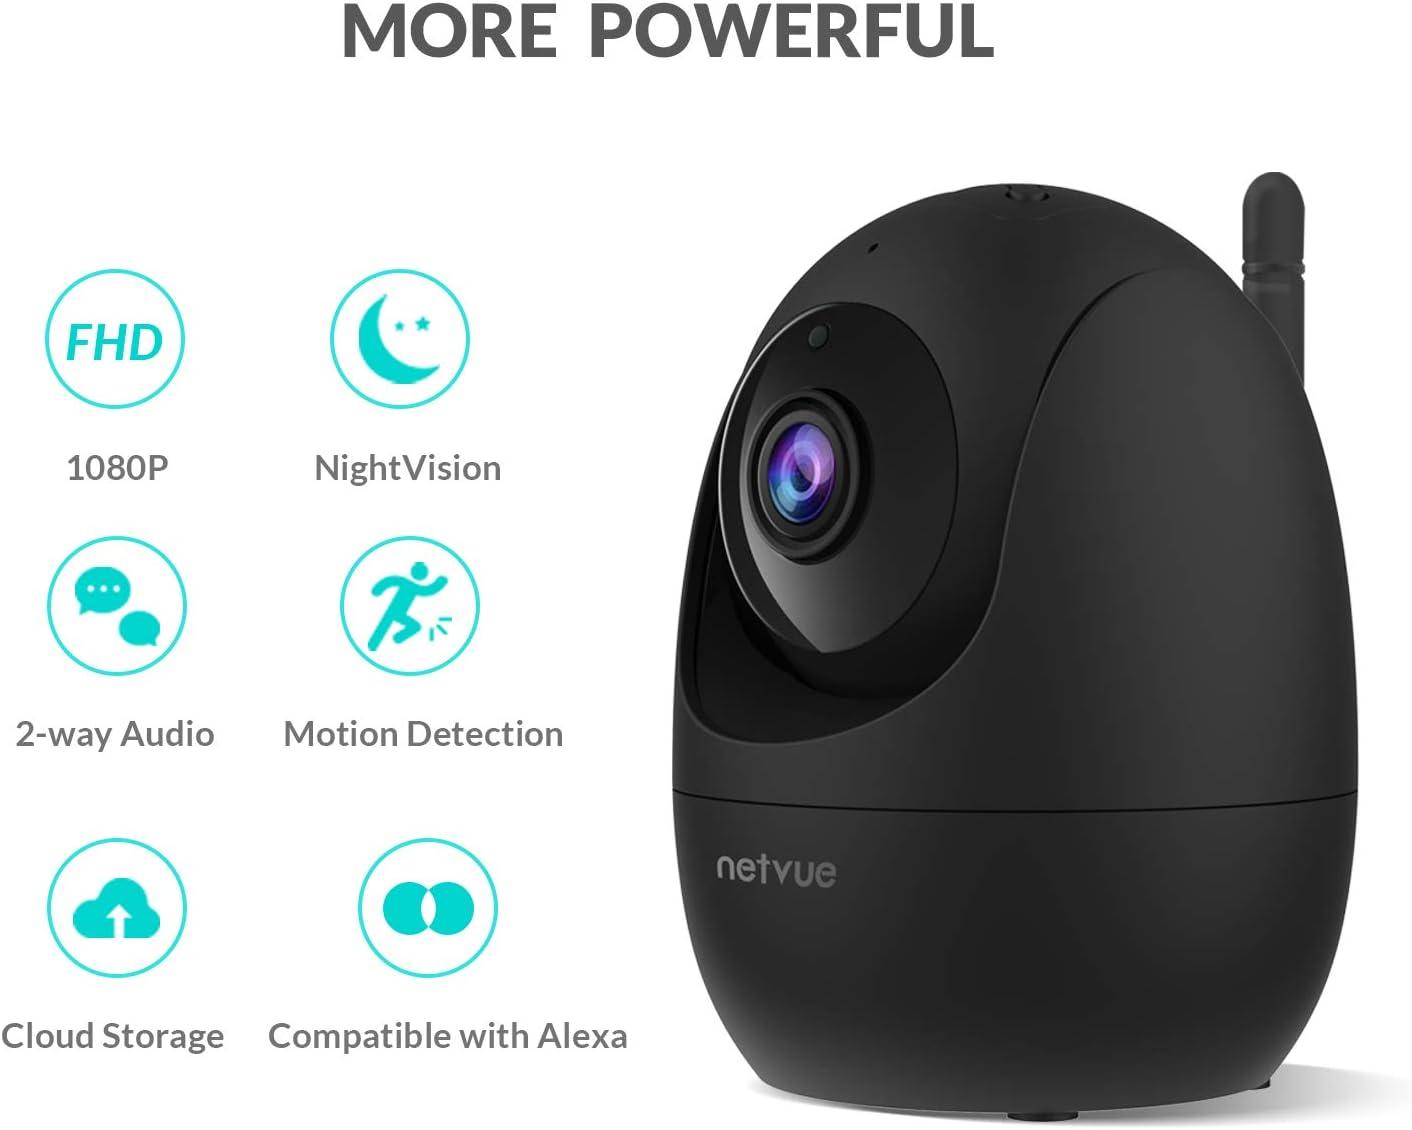 Visi/ón Nocturna C/ámara de Vigilancia WiFi Netvue C/ámara Domo 1080P Videovigilancia Inal/ámbrica Audio Bidireccional Detecci/ón de Movimiento Humano